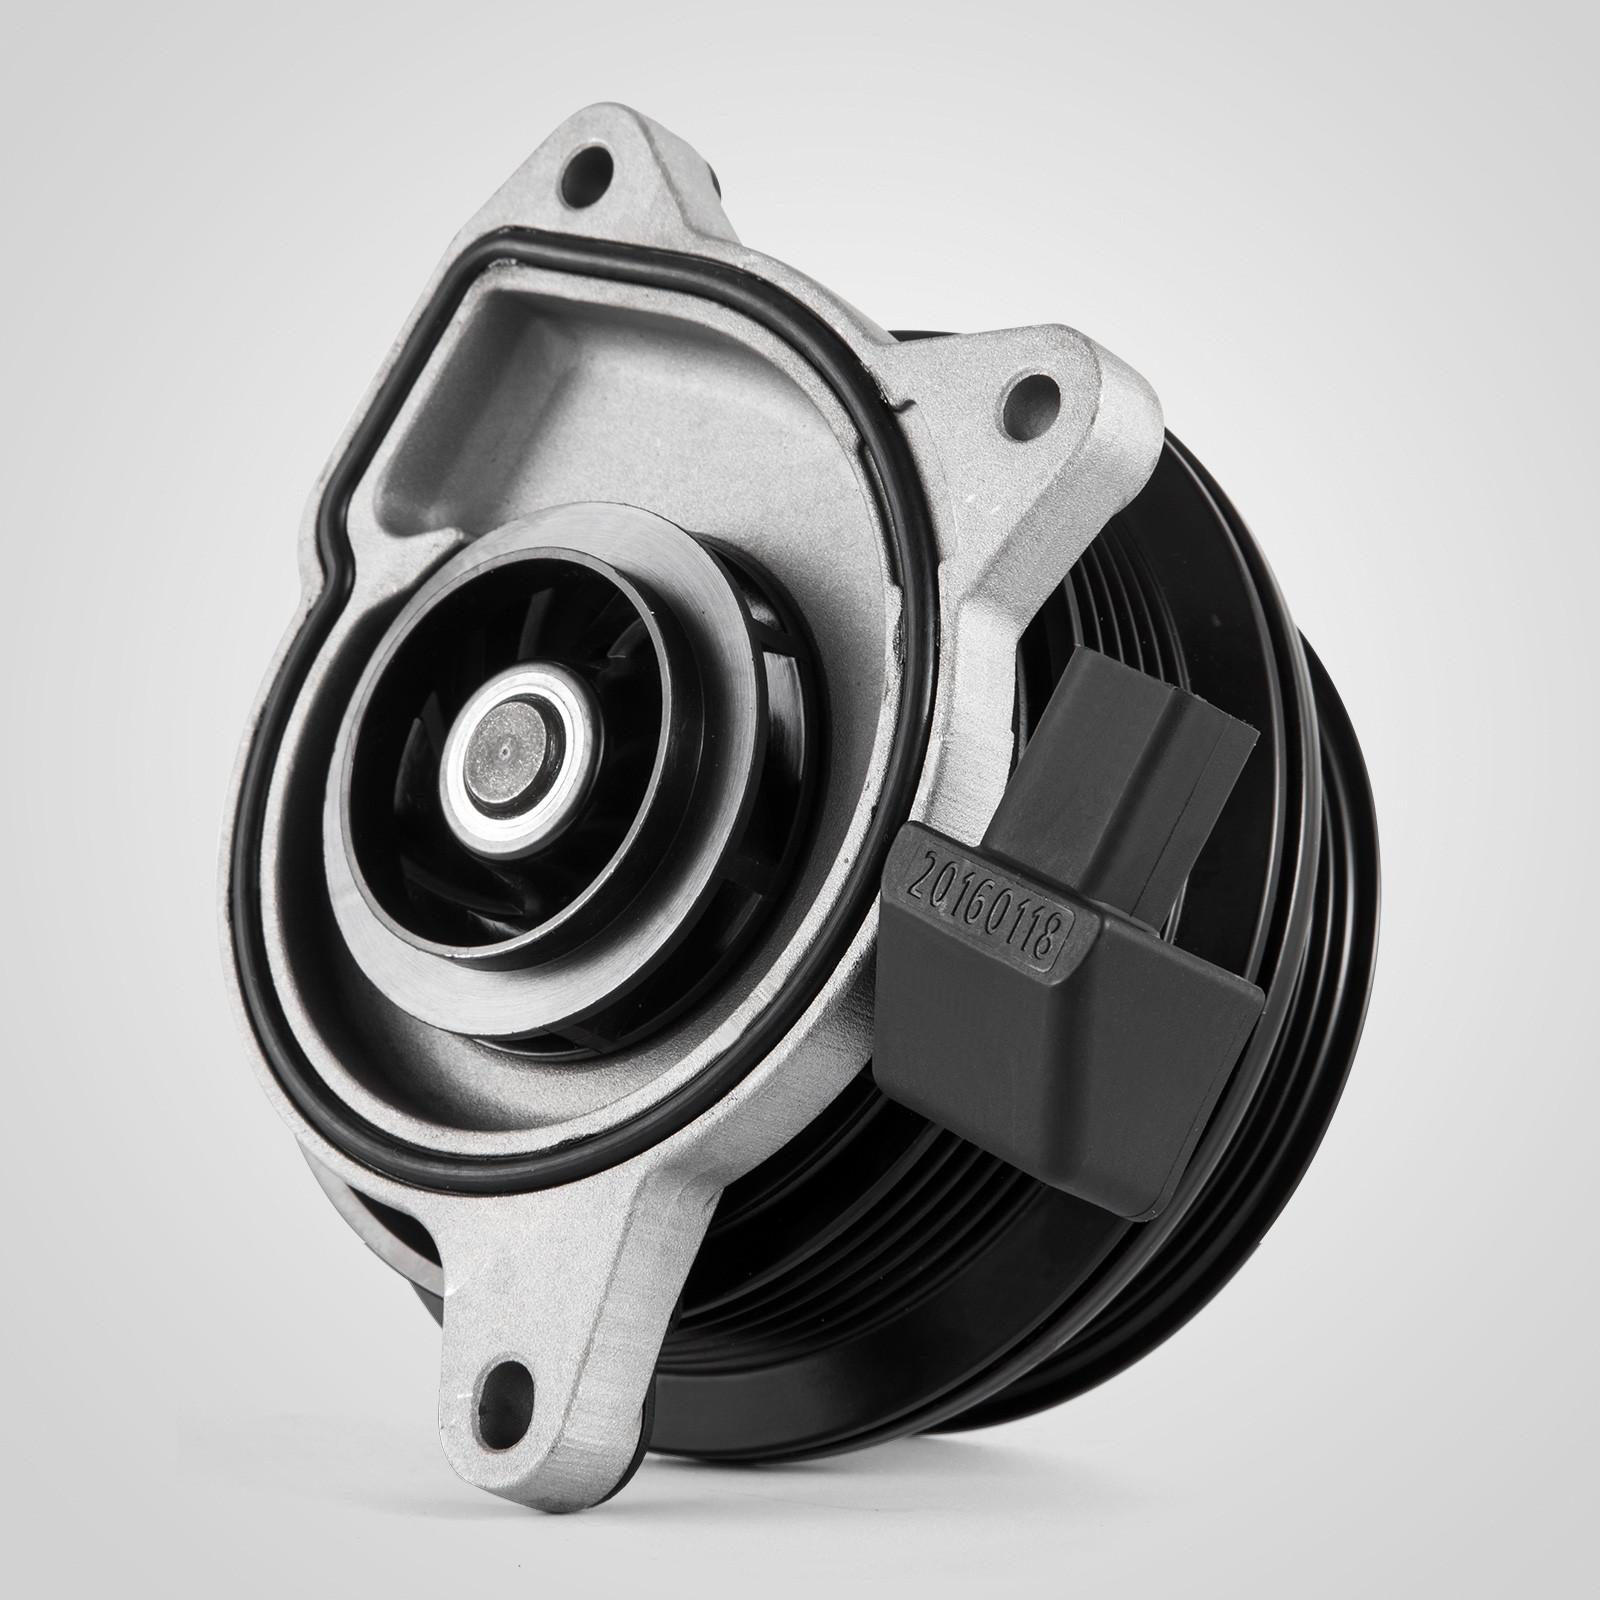 8 new volkswagen audi skoda golf mk6 beetle water pump  [ 1600 x 1600 Pixel ]